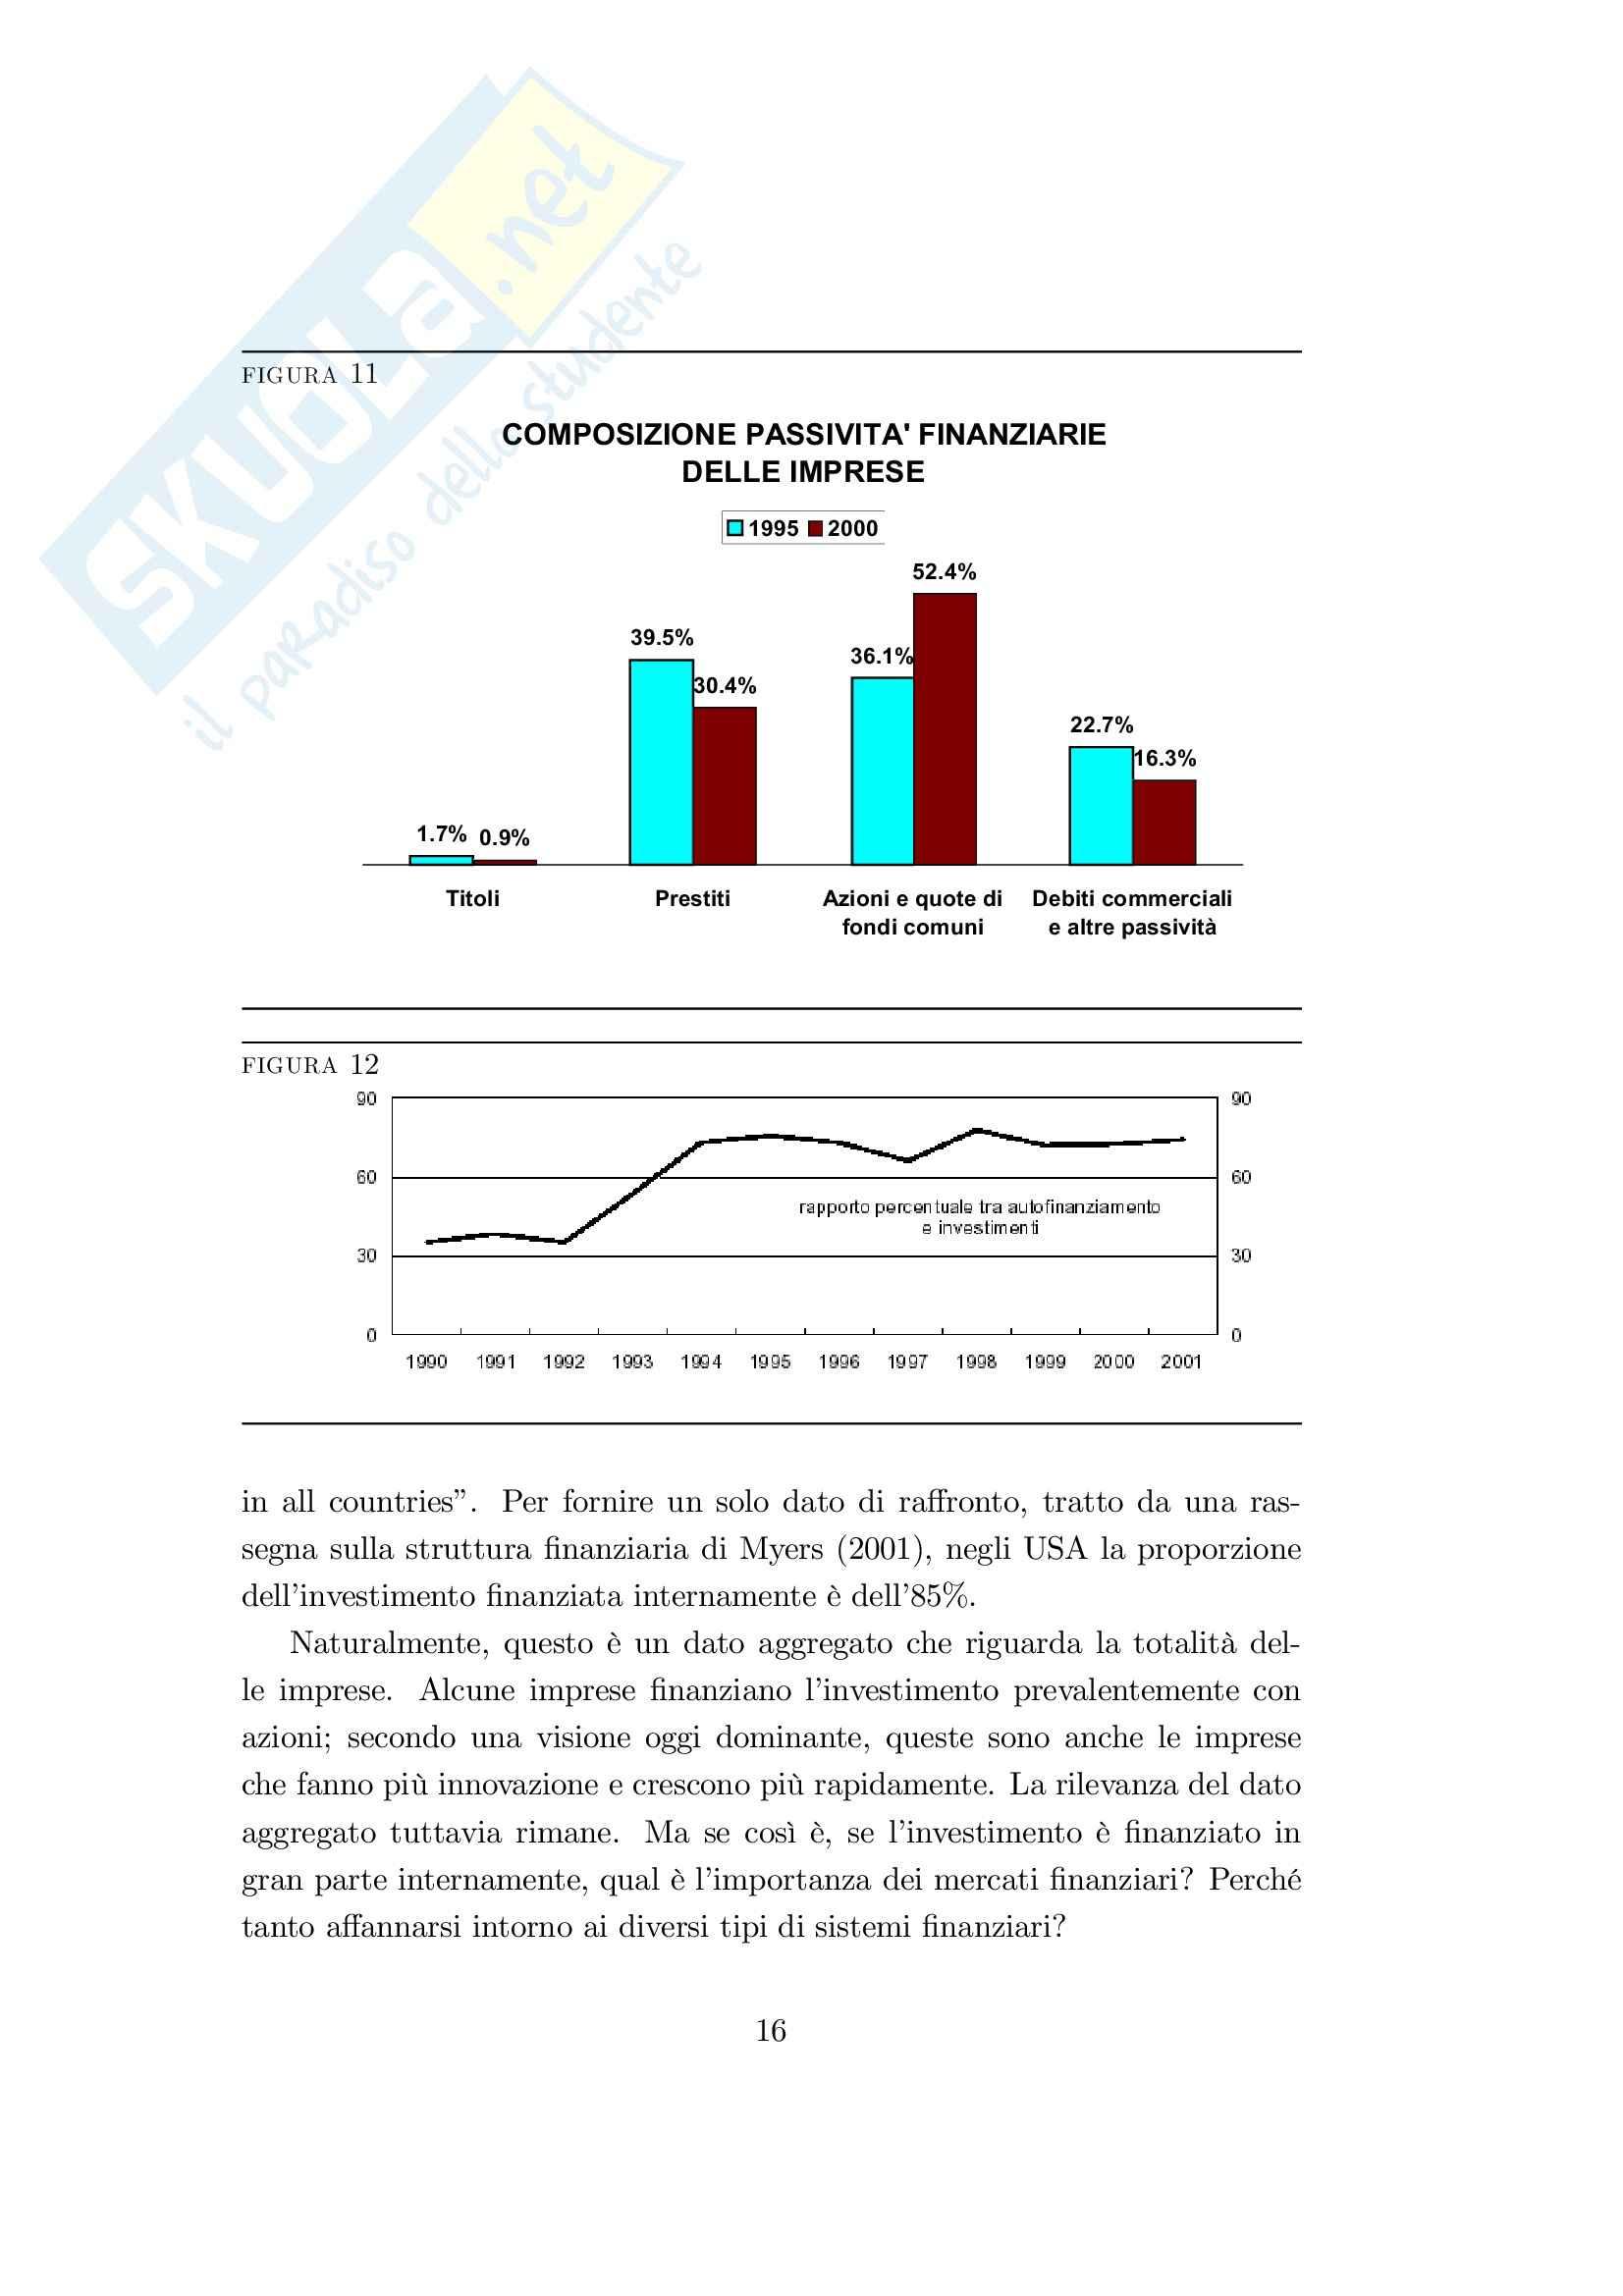 Economia finanziaria - la finanziarizzazione dell'economia italiana Pag. 16